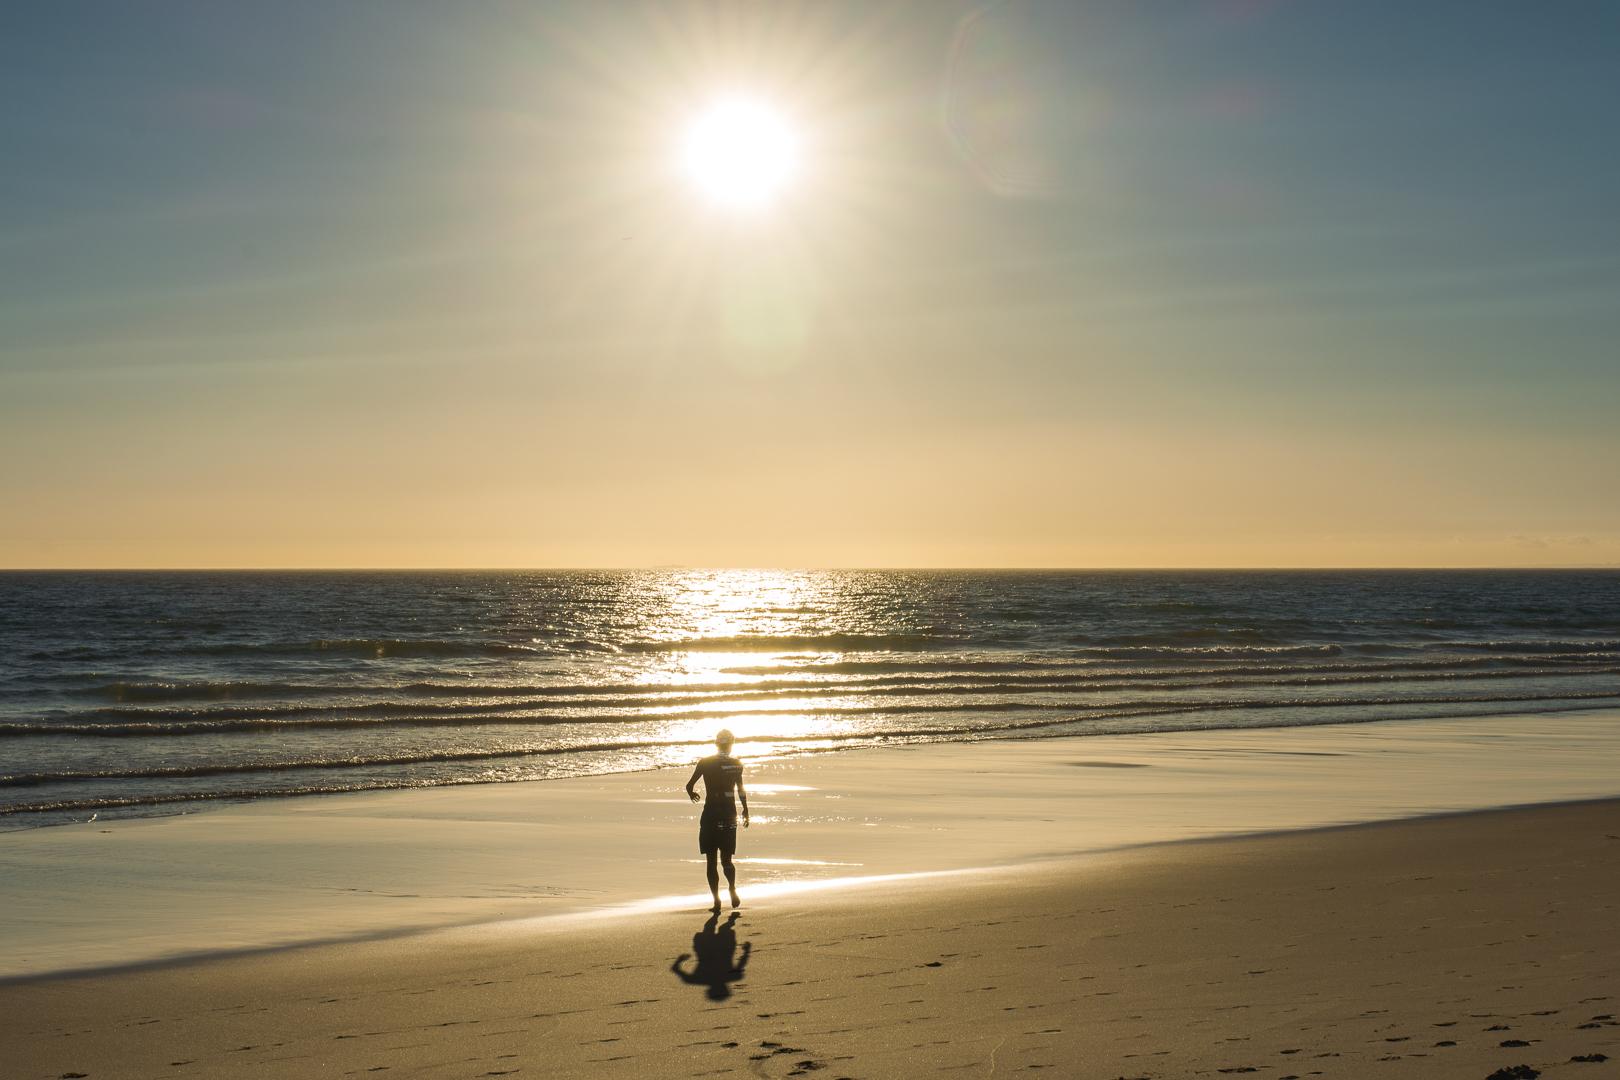 Sunset at the beach in Costa da Caparica Portugal